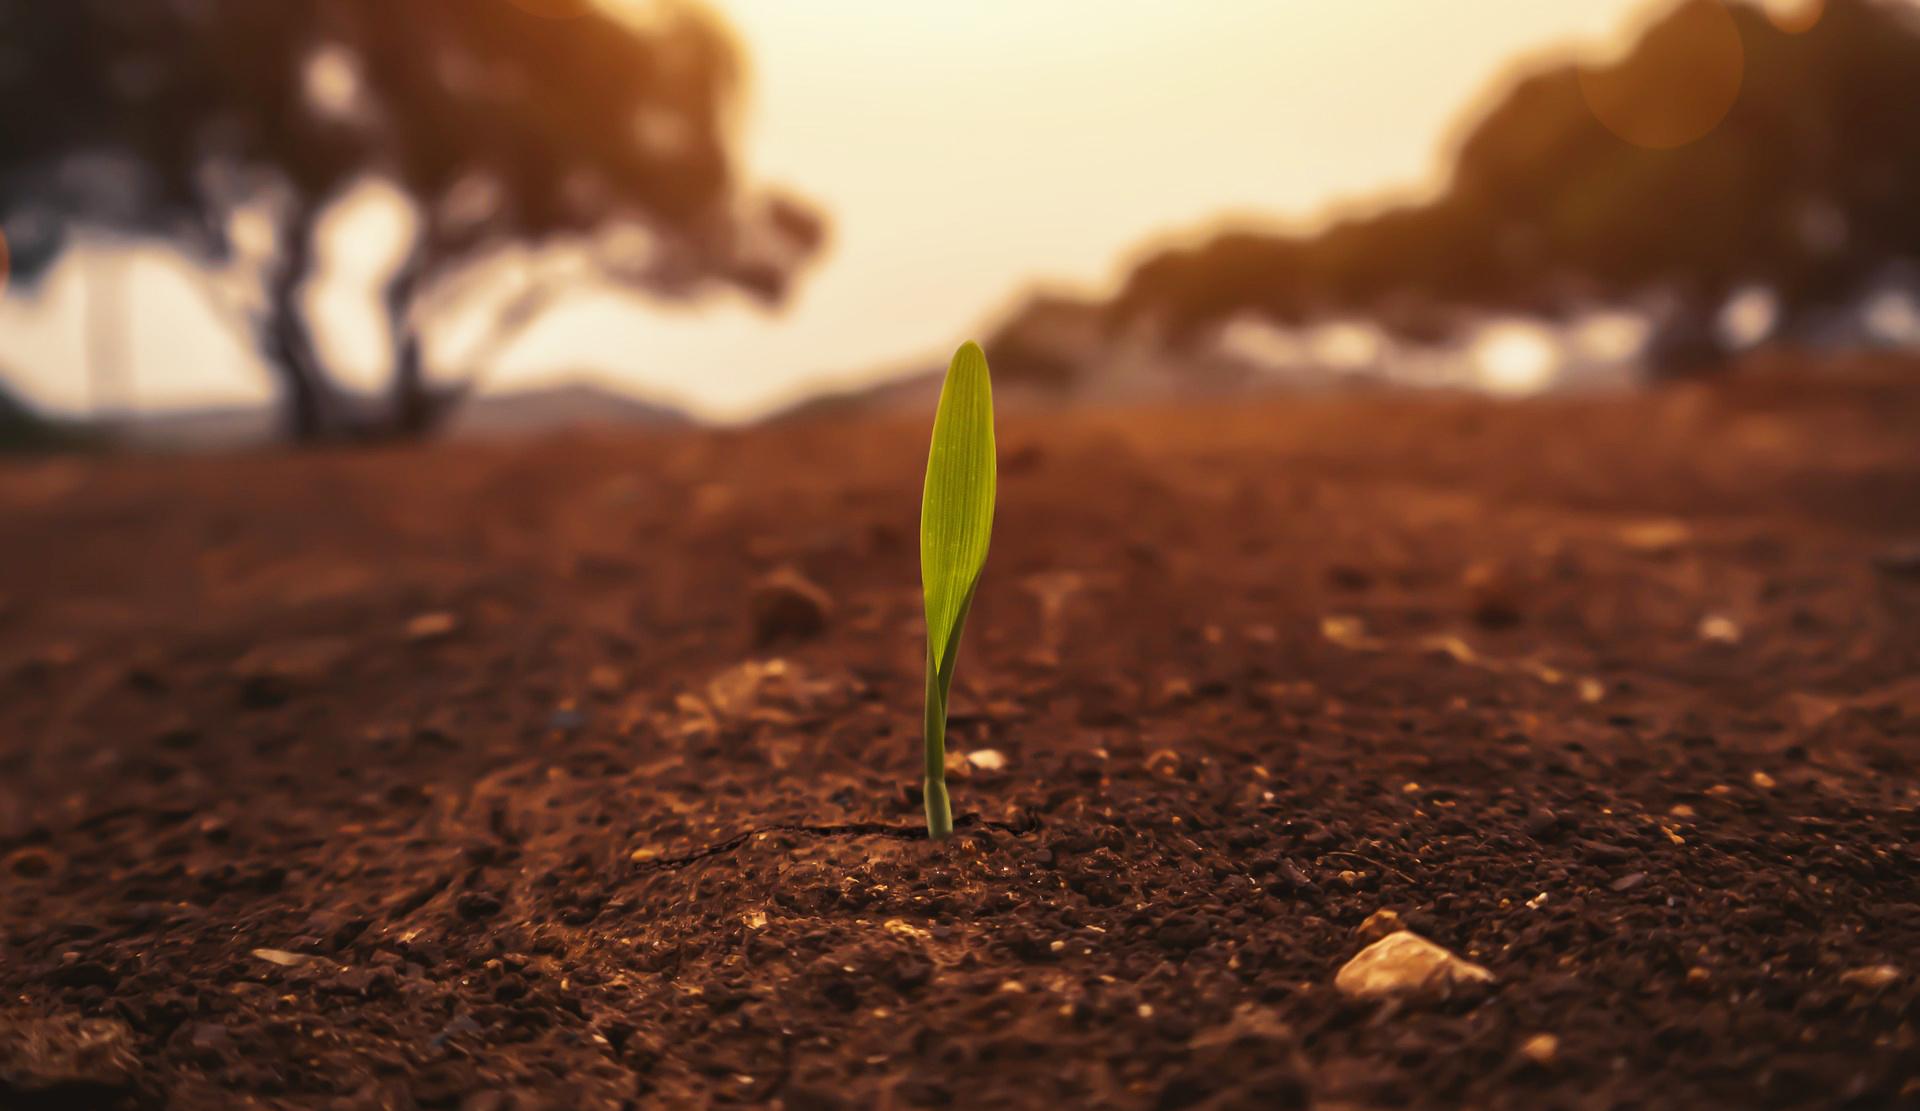 Božie kráľovstvo rastie ani nevieme ako! Viac v komentári Božieho Slova na 11. cezročnú nedeľu